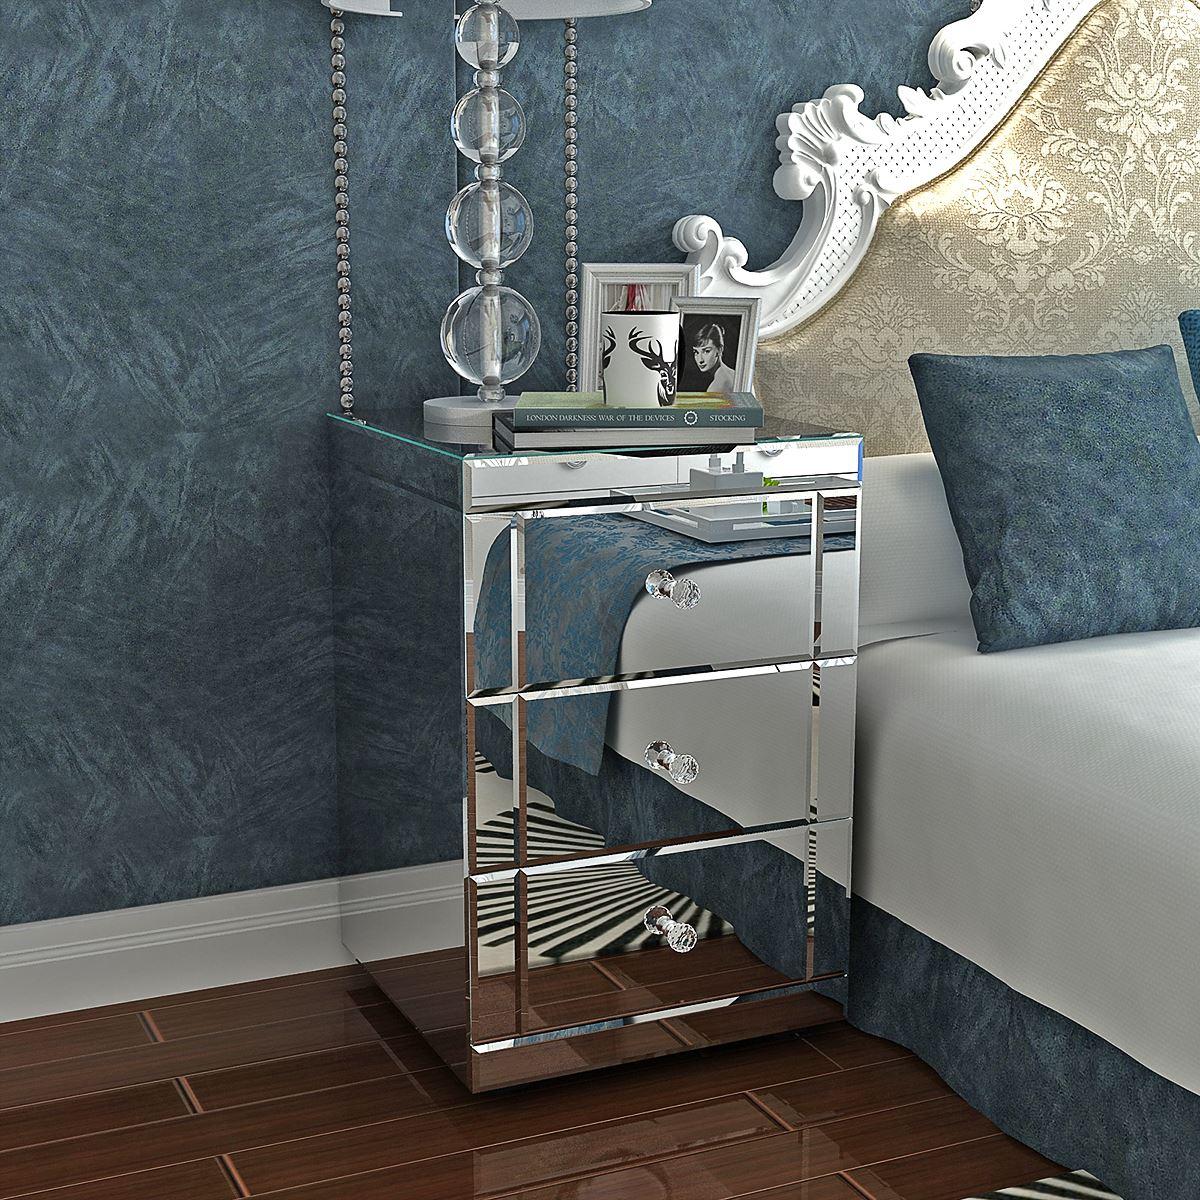 Panana Mirrored ข้างเตียงตู้/ข้างเตียง/3 ลิ้นชัก Nightstand ห้องนอน